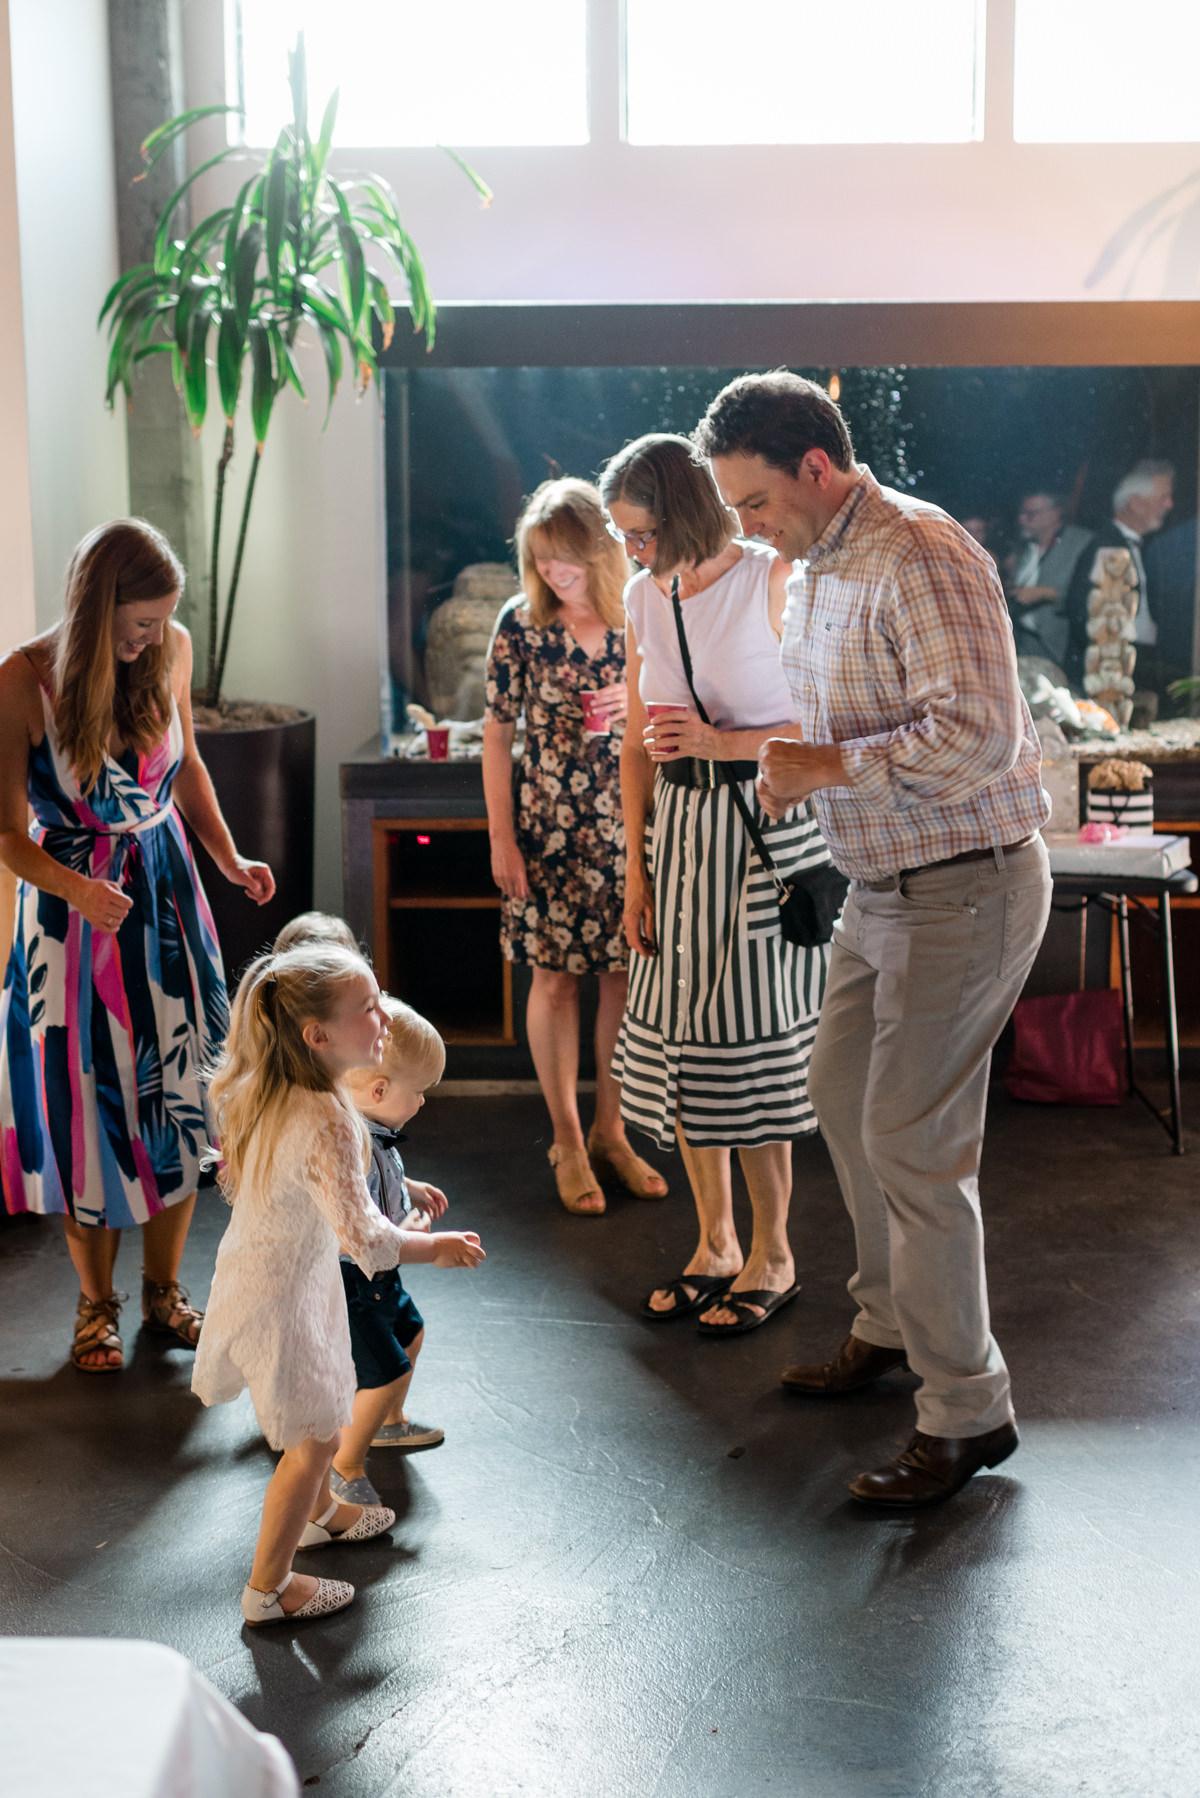 Andrew Tat - Documentary Wedding Photography - WithinSodo - Seattle, Washington -Hilary & Zach - 04.jpg